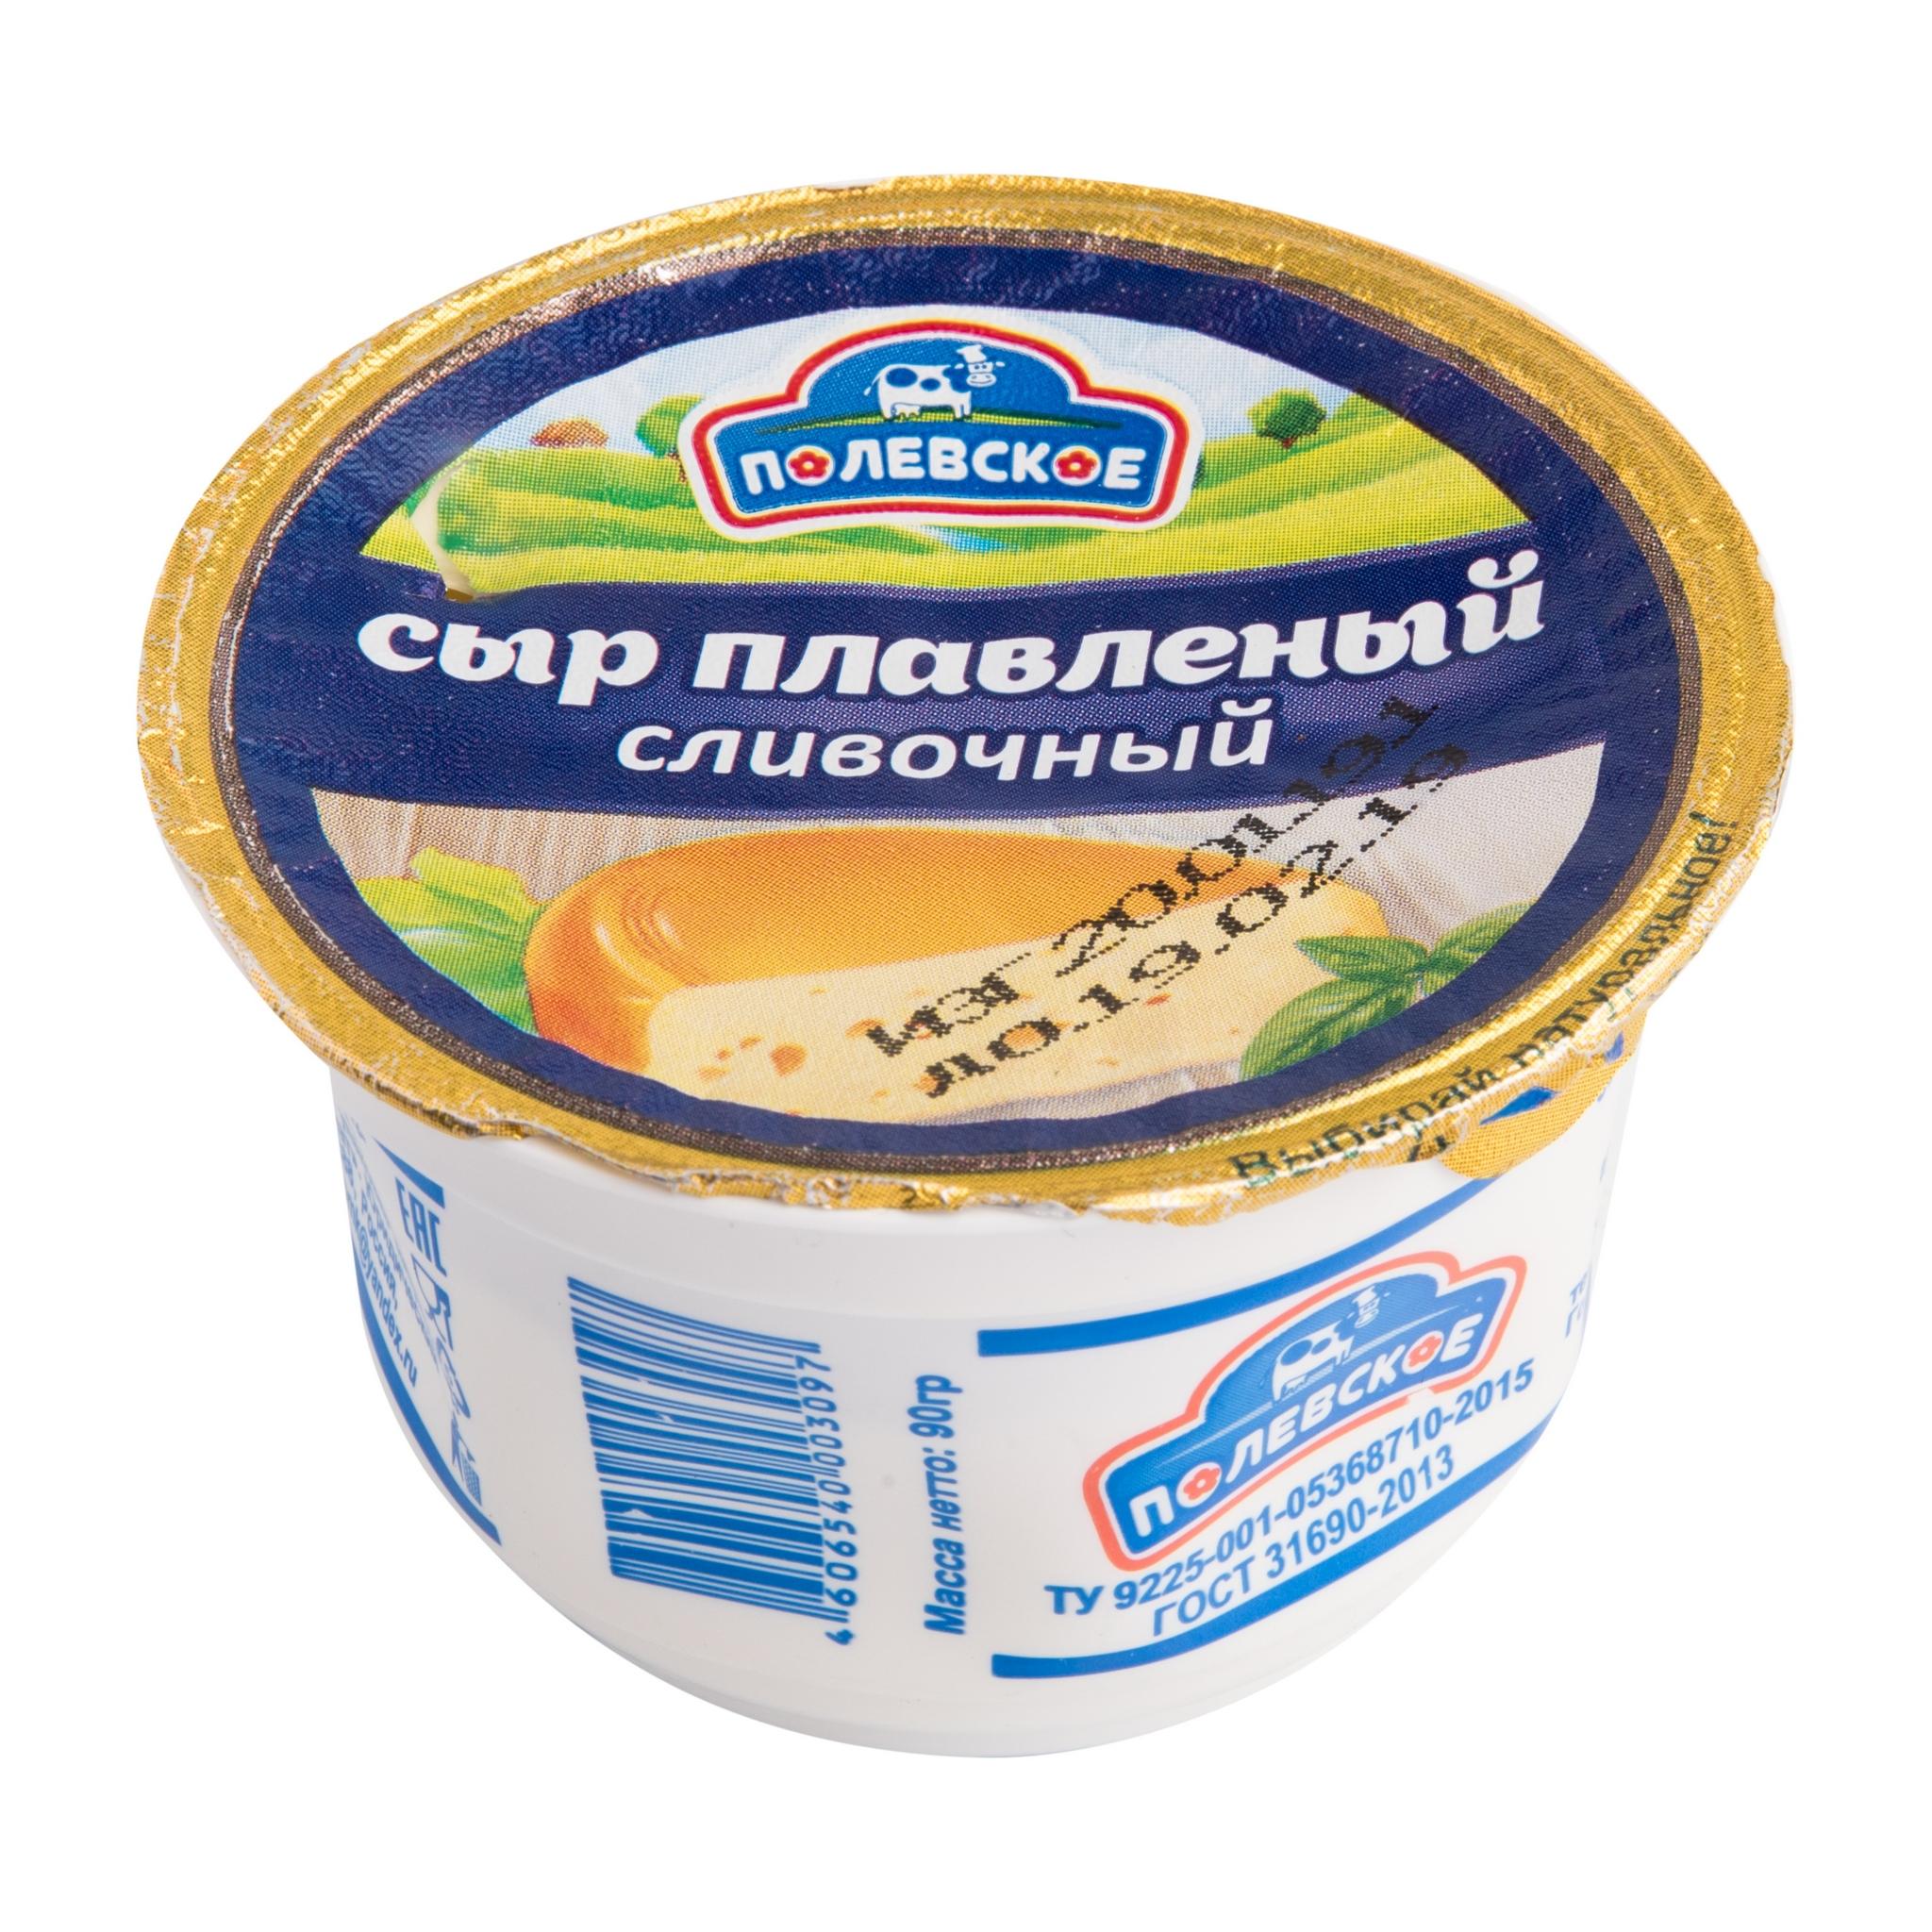 сливочный сыр Полевское